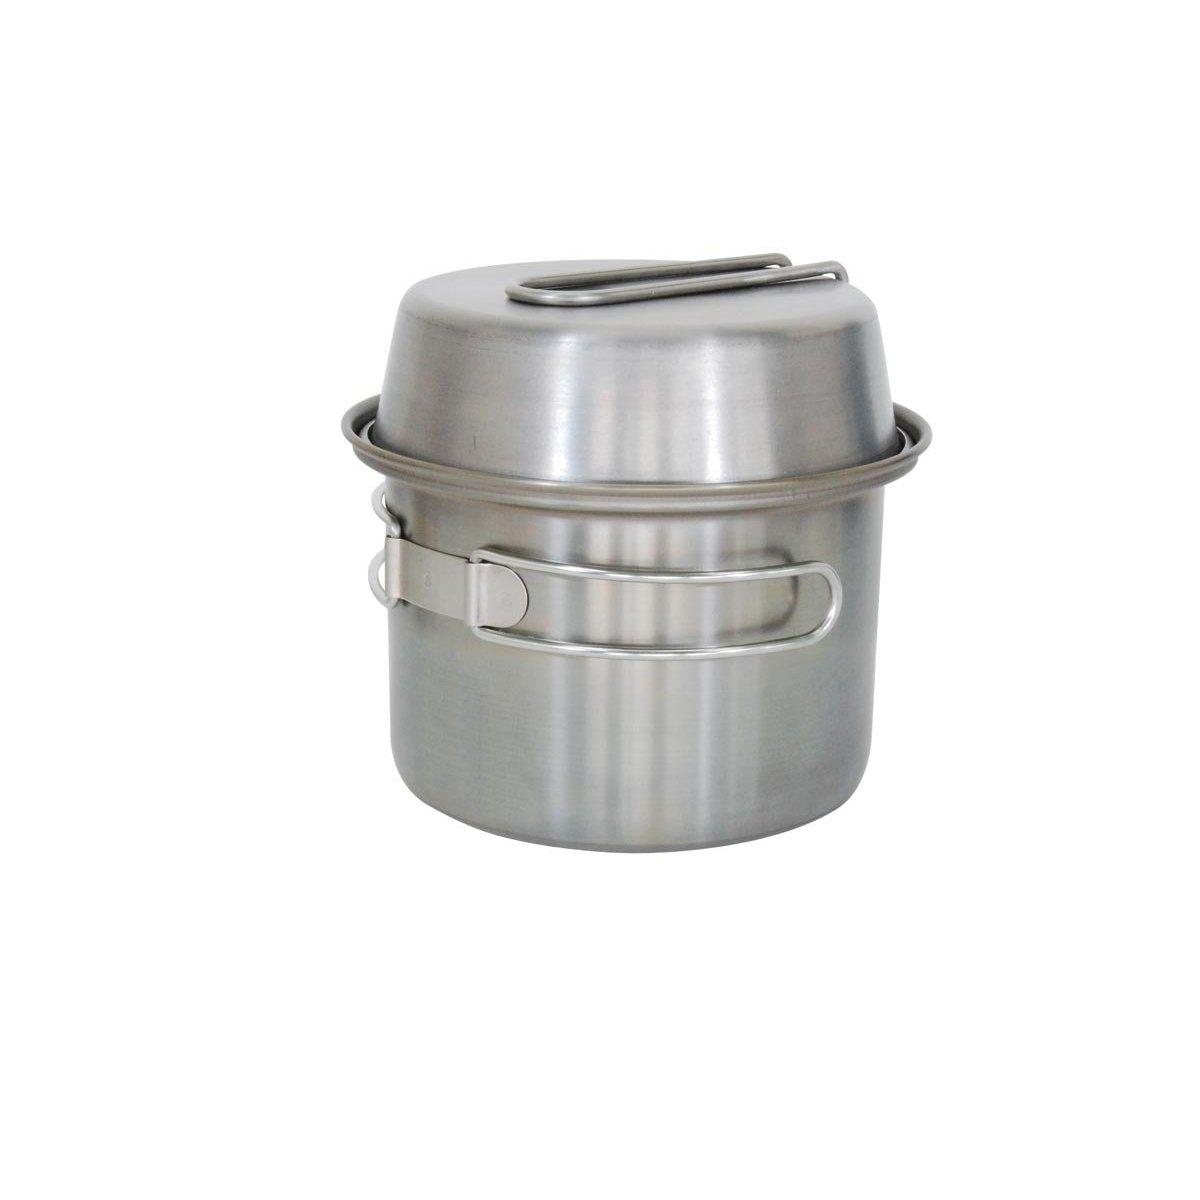 貝爾蒙特 (貝爾蒙特) BM-272 鍋 1000 FC (帶盒)